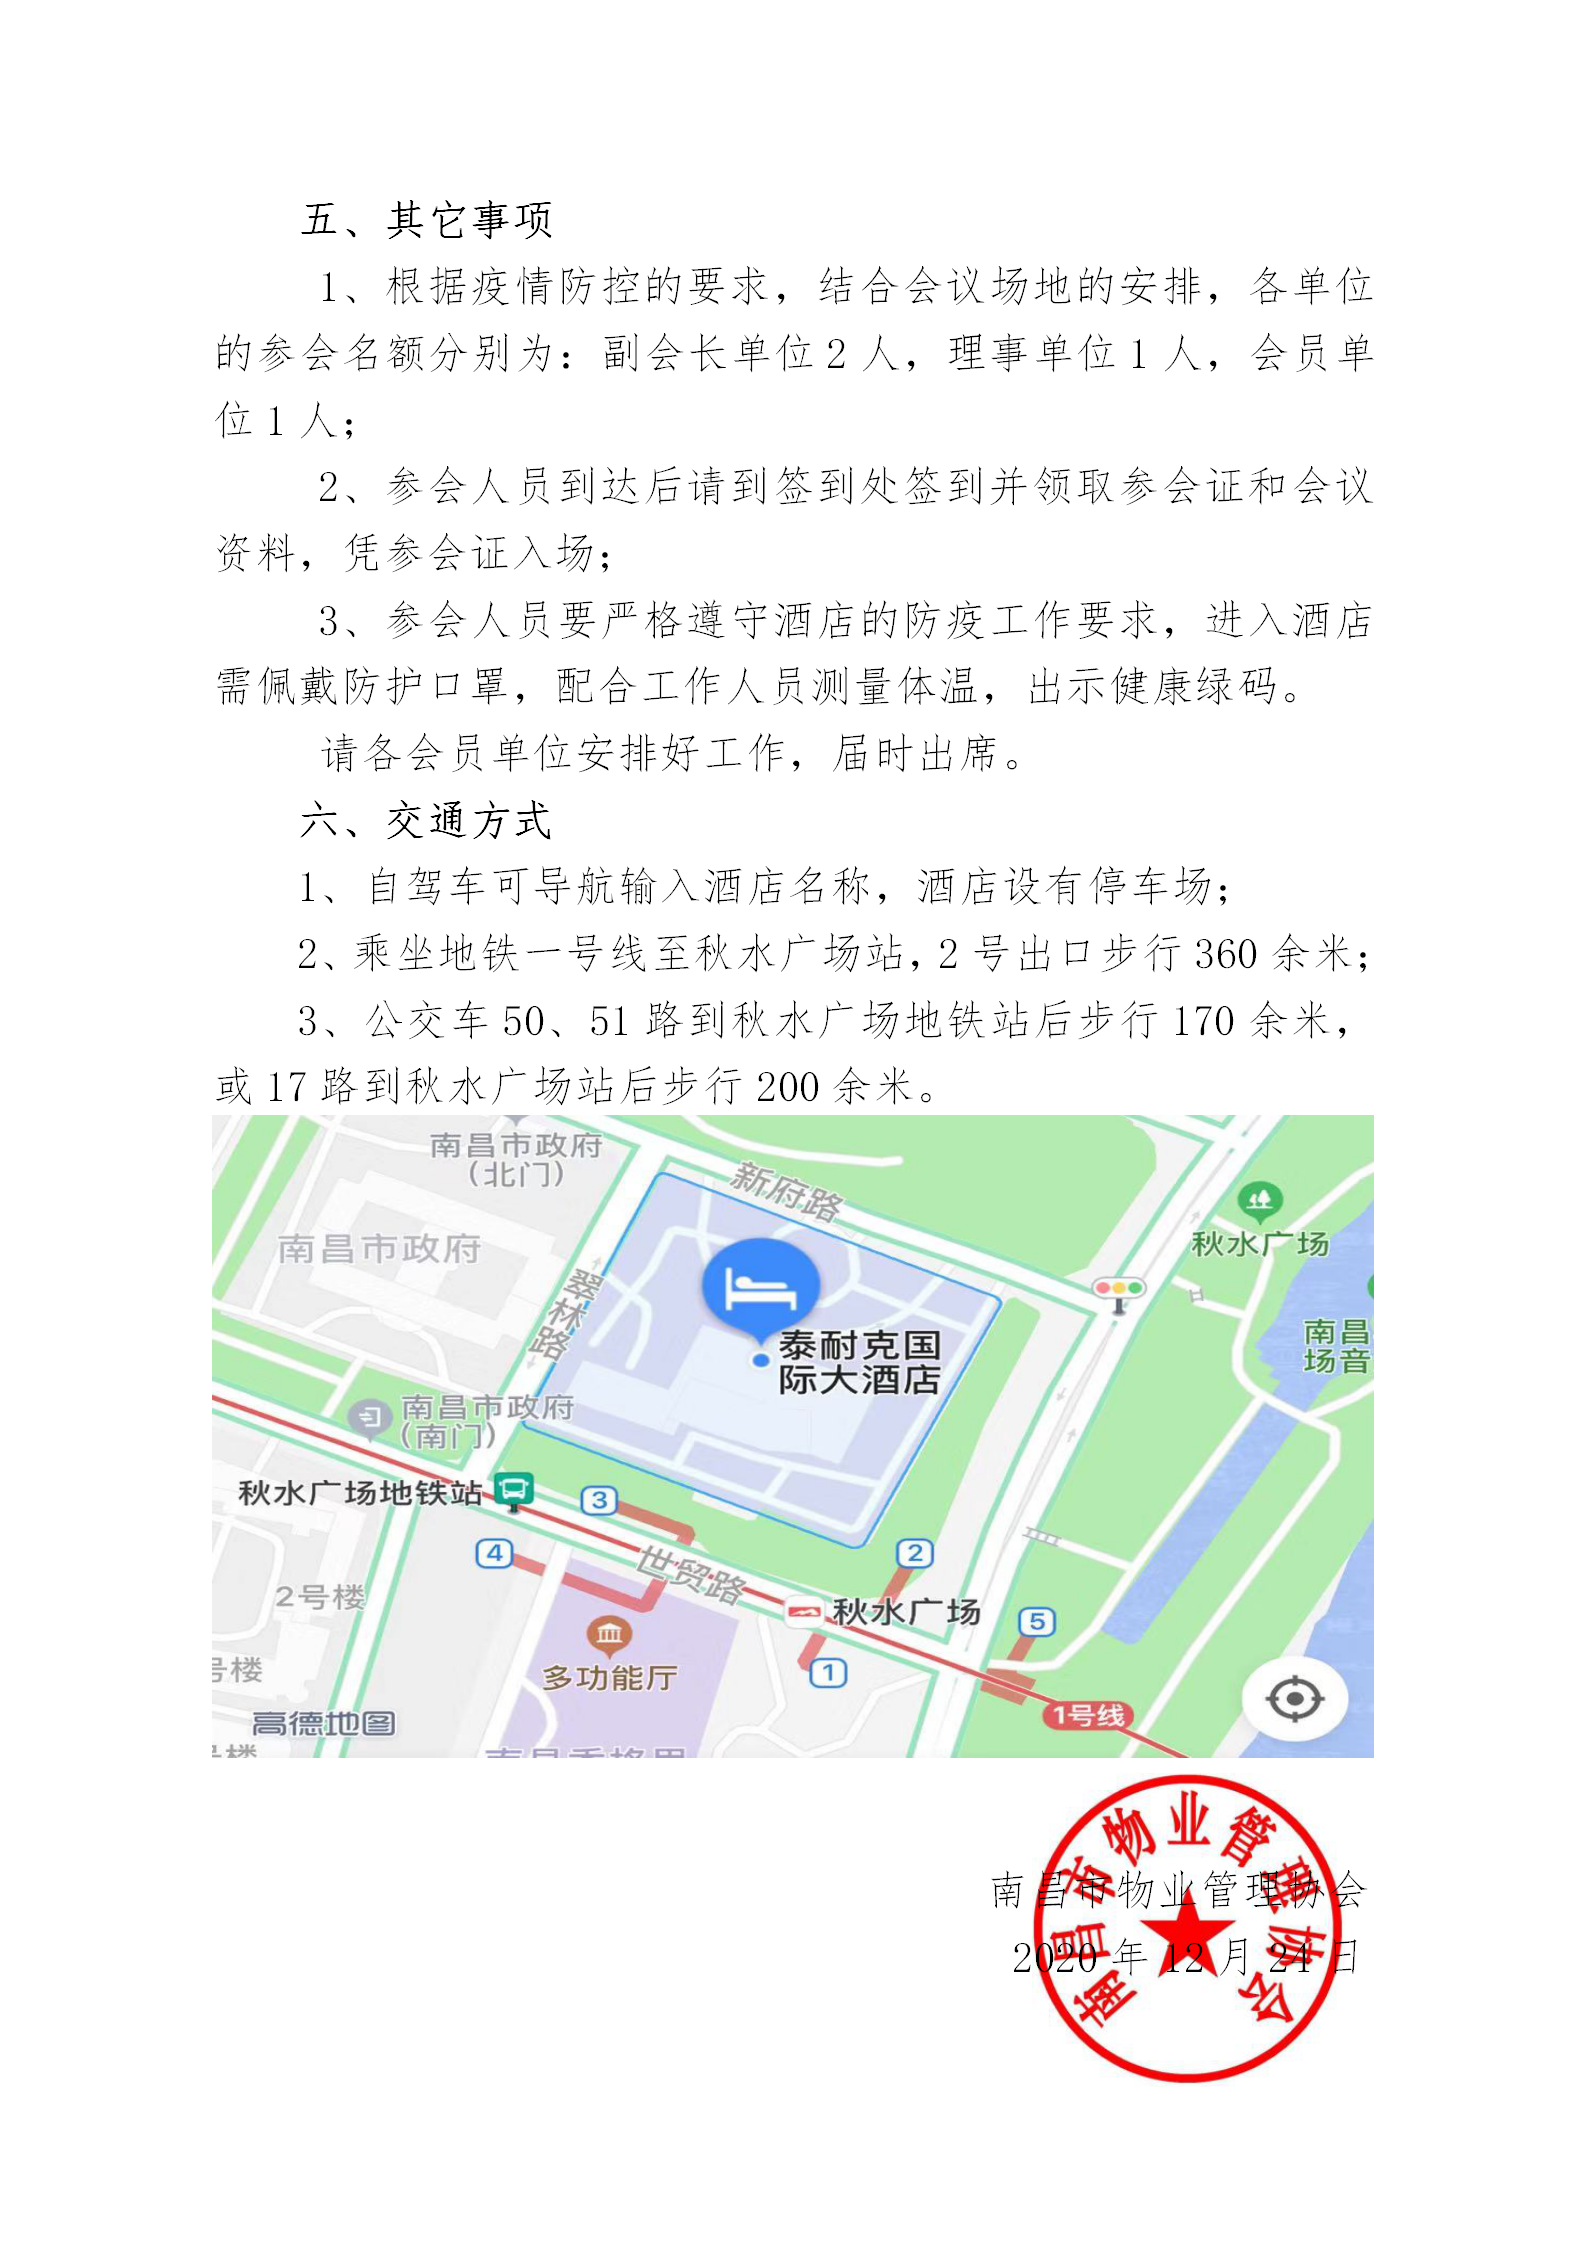 关于召开南昌市物业管理协会第四届四次会员代表大会的通知_02.png